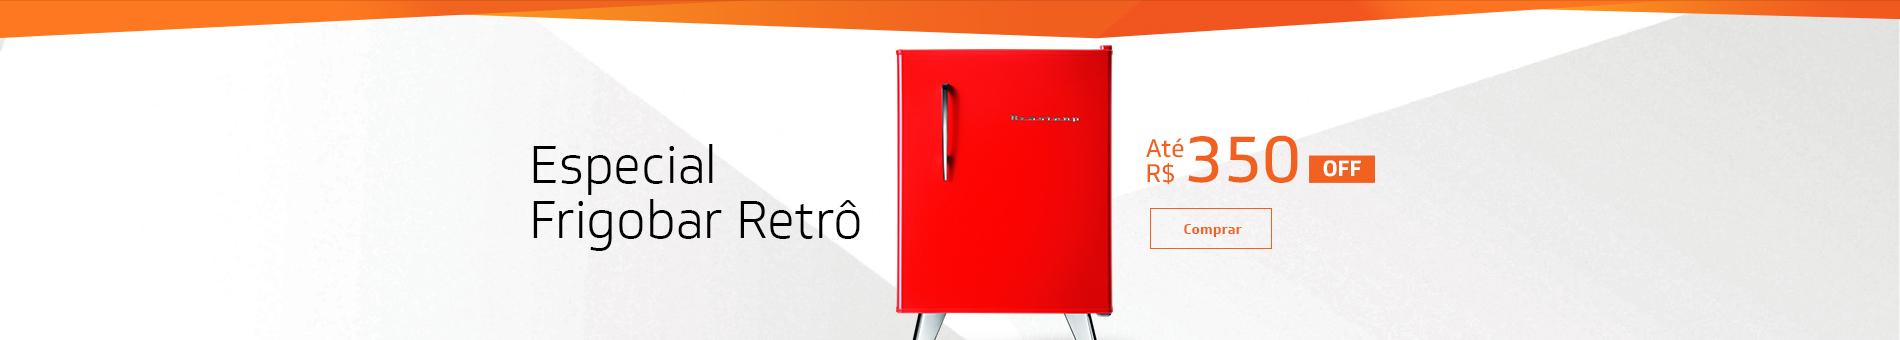 Promoção Interna - 374 - festivalrefri_frigobar_home_2052016 - frigobar - 5